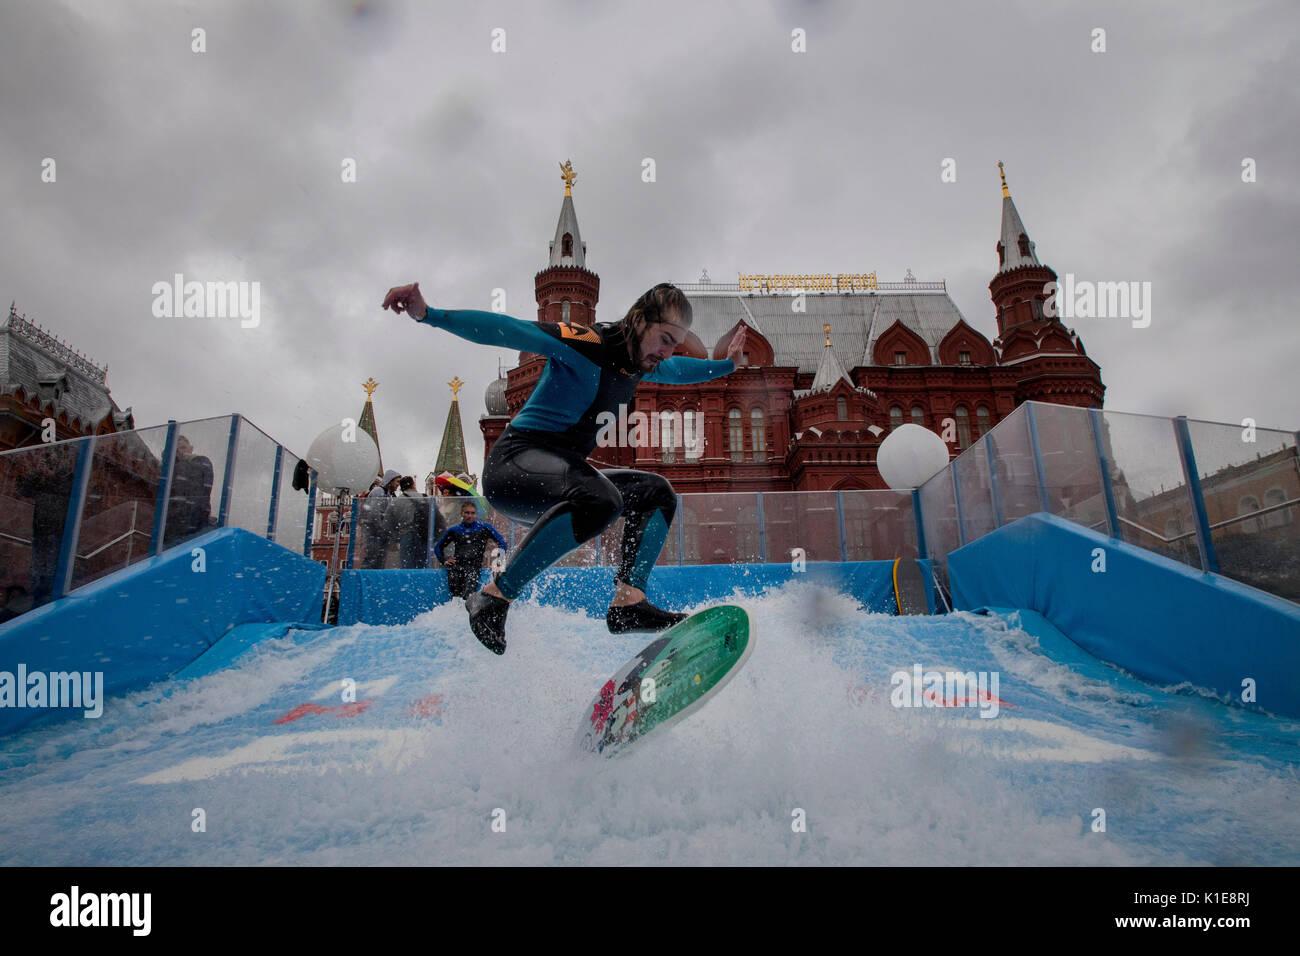 Mosca, Russia. 25 Agosto, 2017. Un uomo salta sul flowboard in corrispondenza della parte anteriore del quadrato Foto Stock